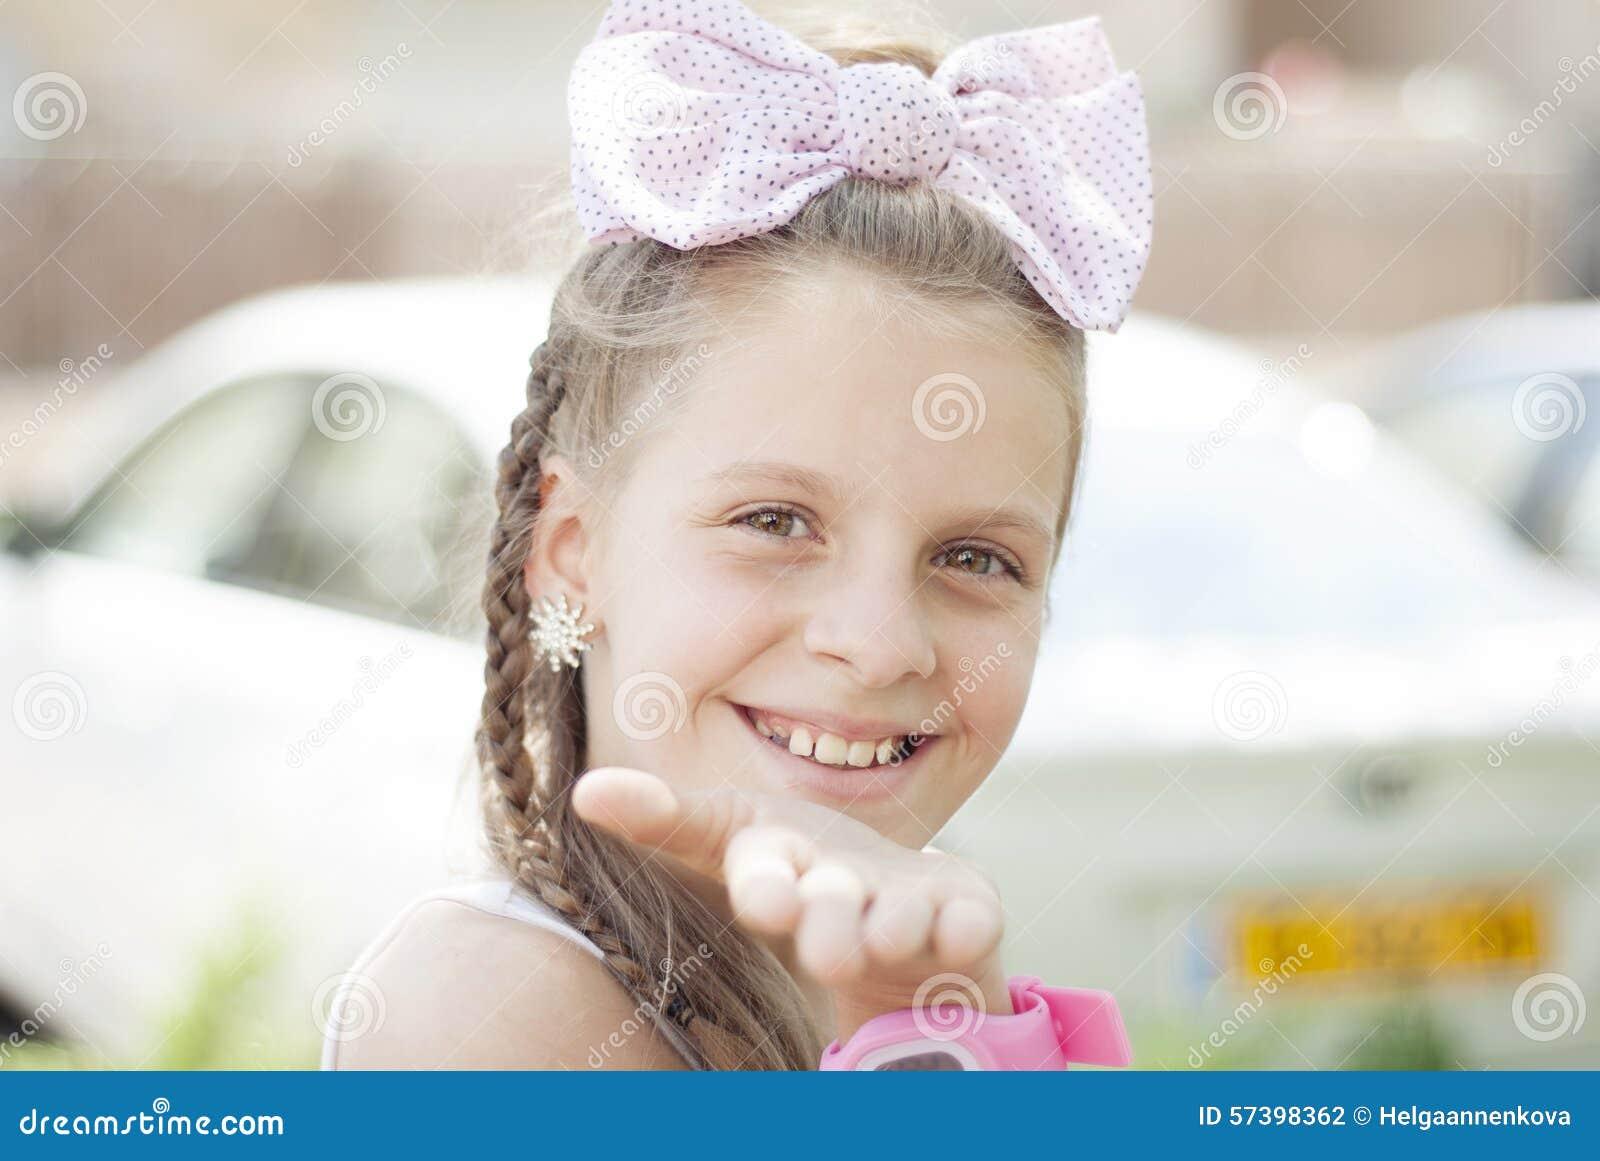 Blond meisje met een grote boog